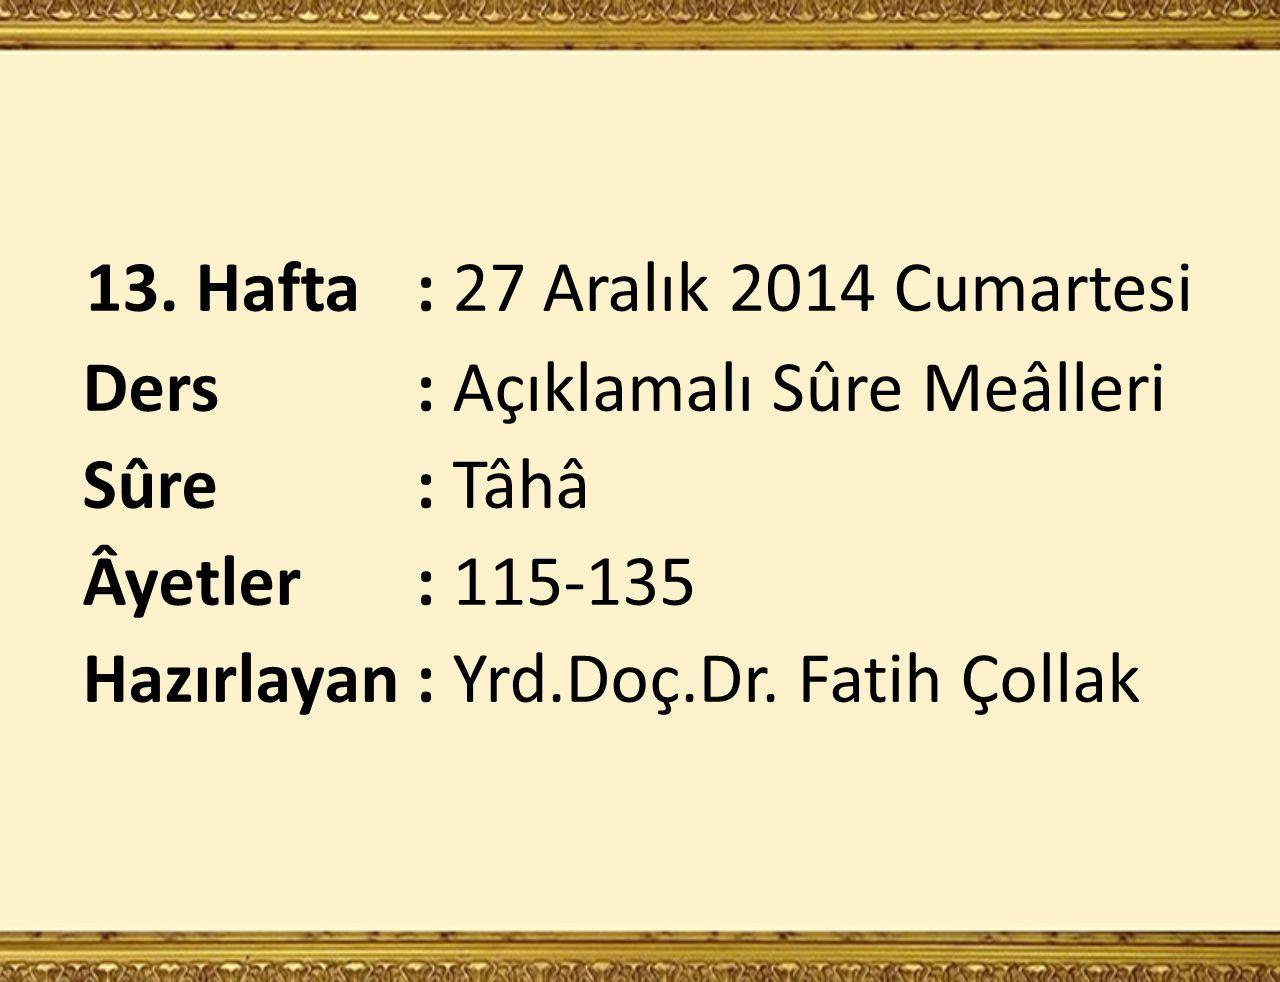 13. Hafta: 27 Aralık 2014 Cumartesi Ders : Açıklamalı Sûre Meâlleri Sûre : Tâhâ Âyetler : 115-135 Hazırlayan: Yrd.Doç.Dr. Fatih Çollak